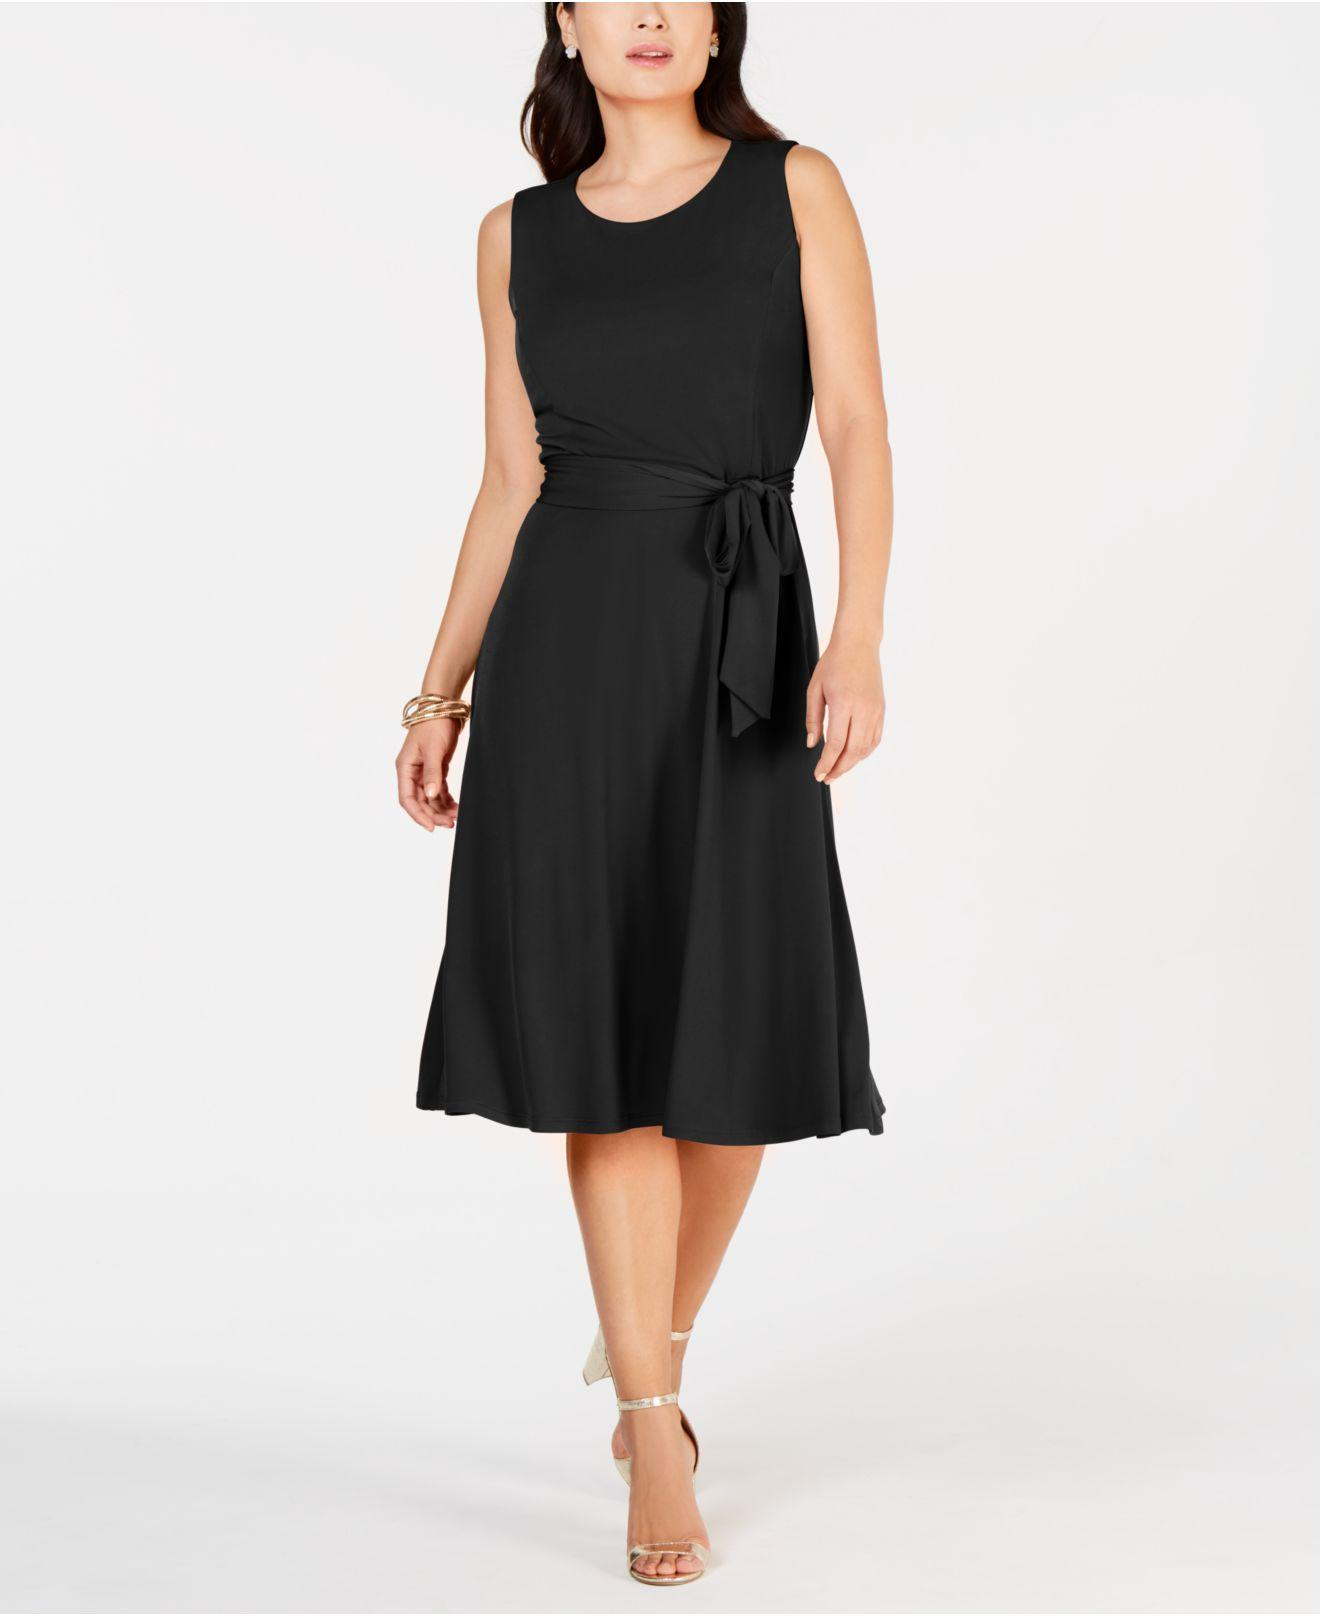 a6fc1d5a6b Charter Club. Women s Black Tie-waist Midi Dress ...